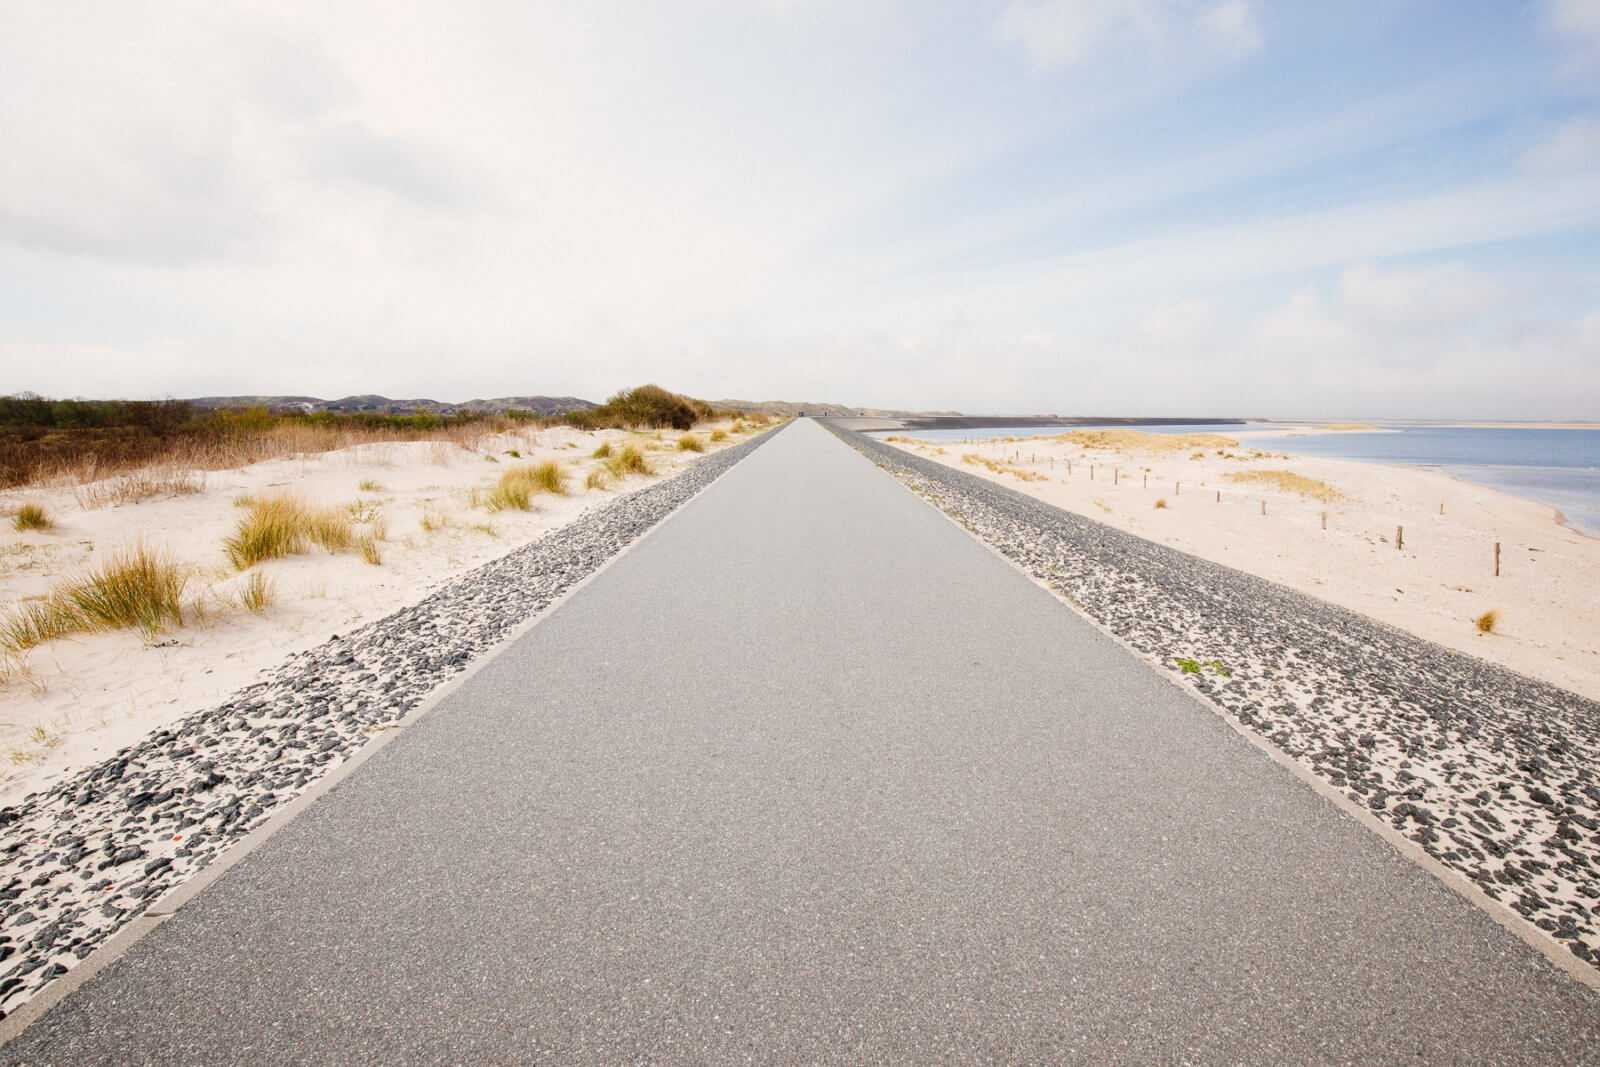 Sylt Sehenswürdigkeiten Lister Ellenbogen Wandern Düne Strand Straße